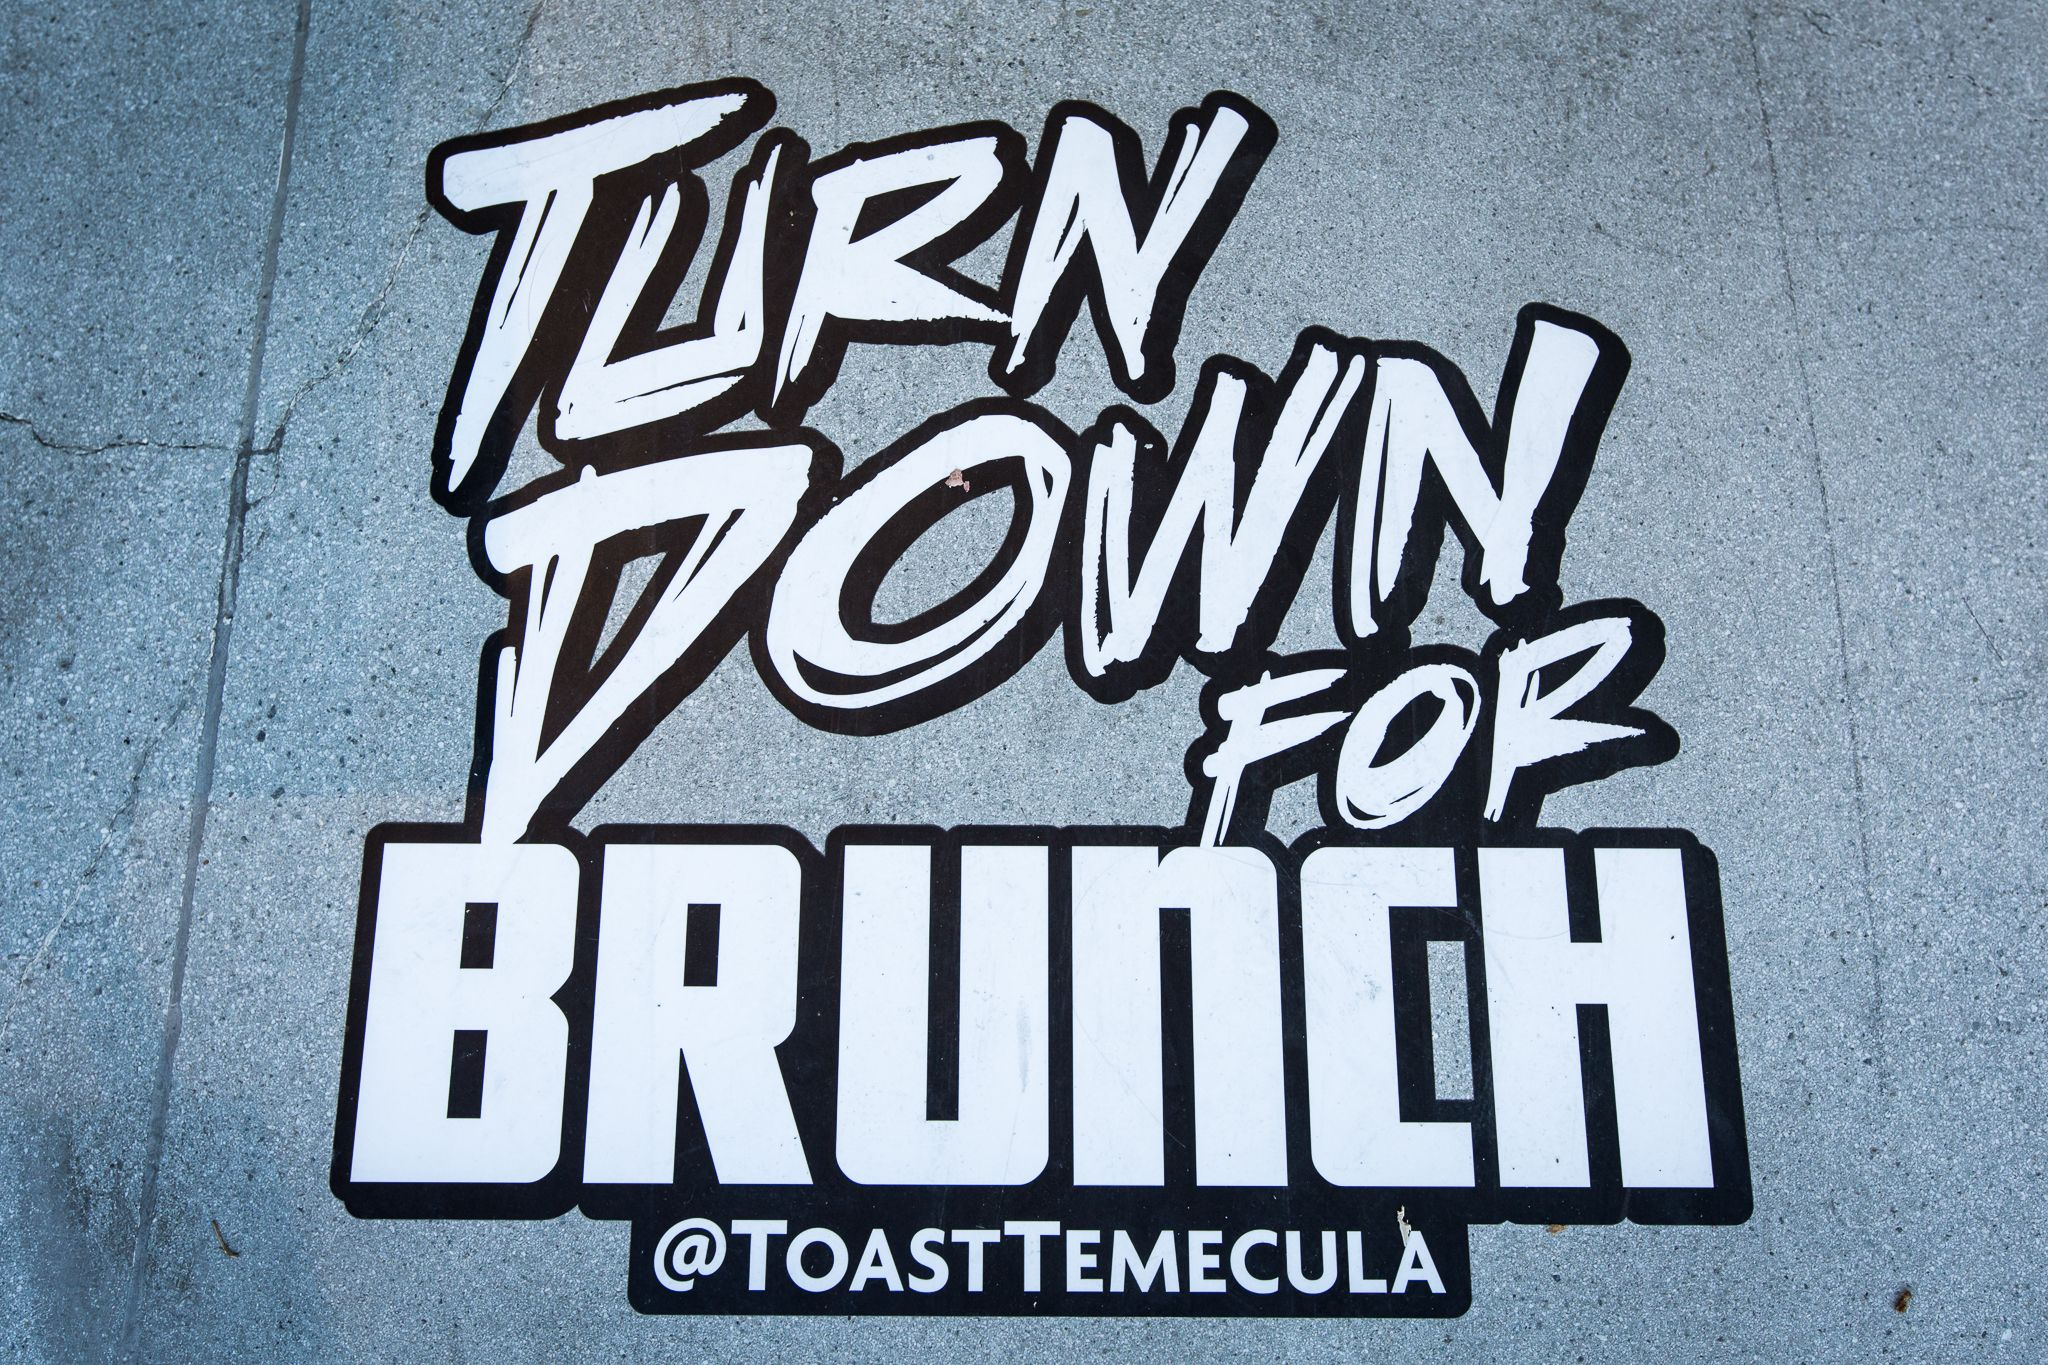 TurnDownForBrunch.jpg